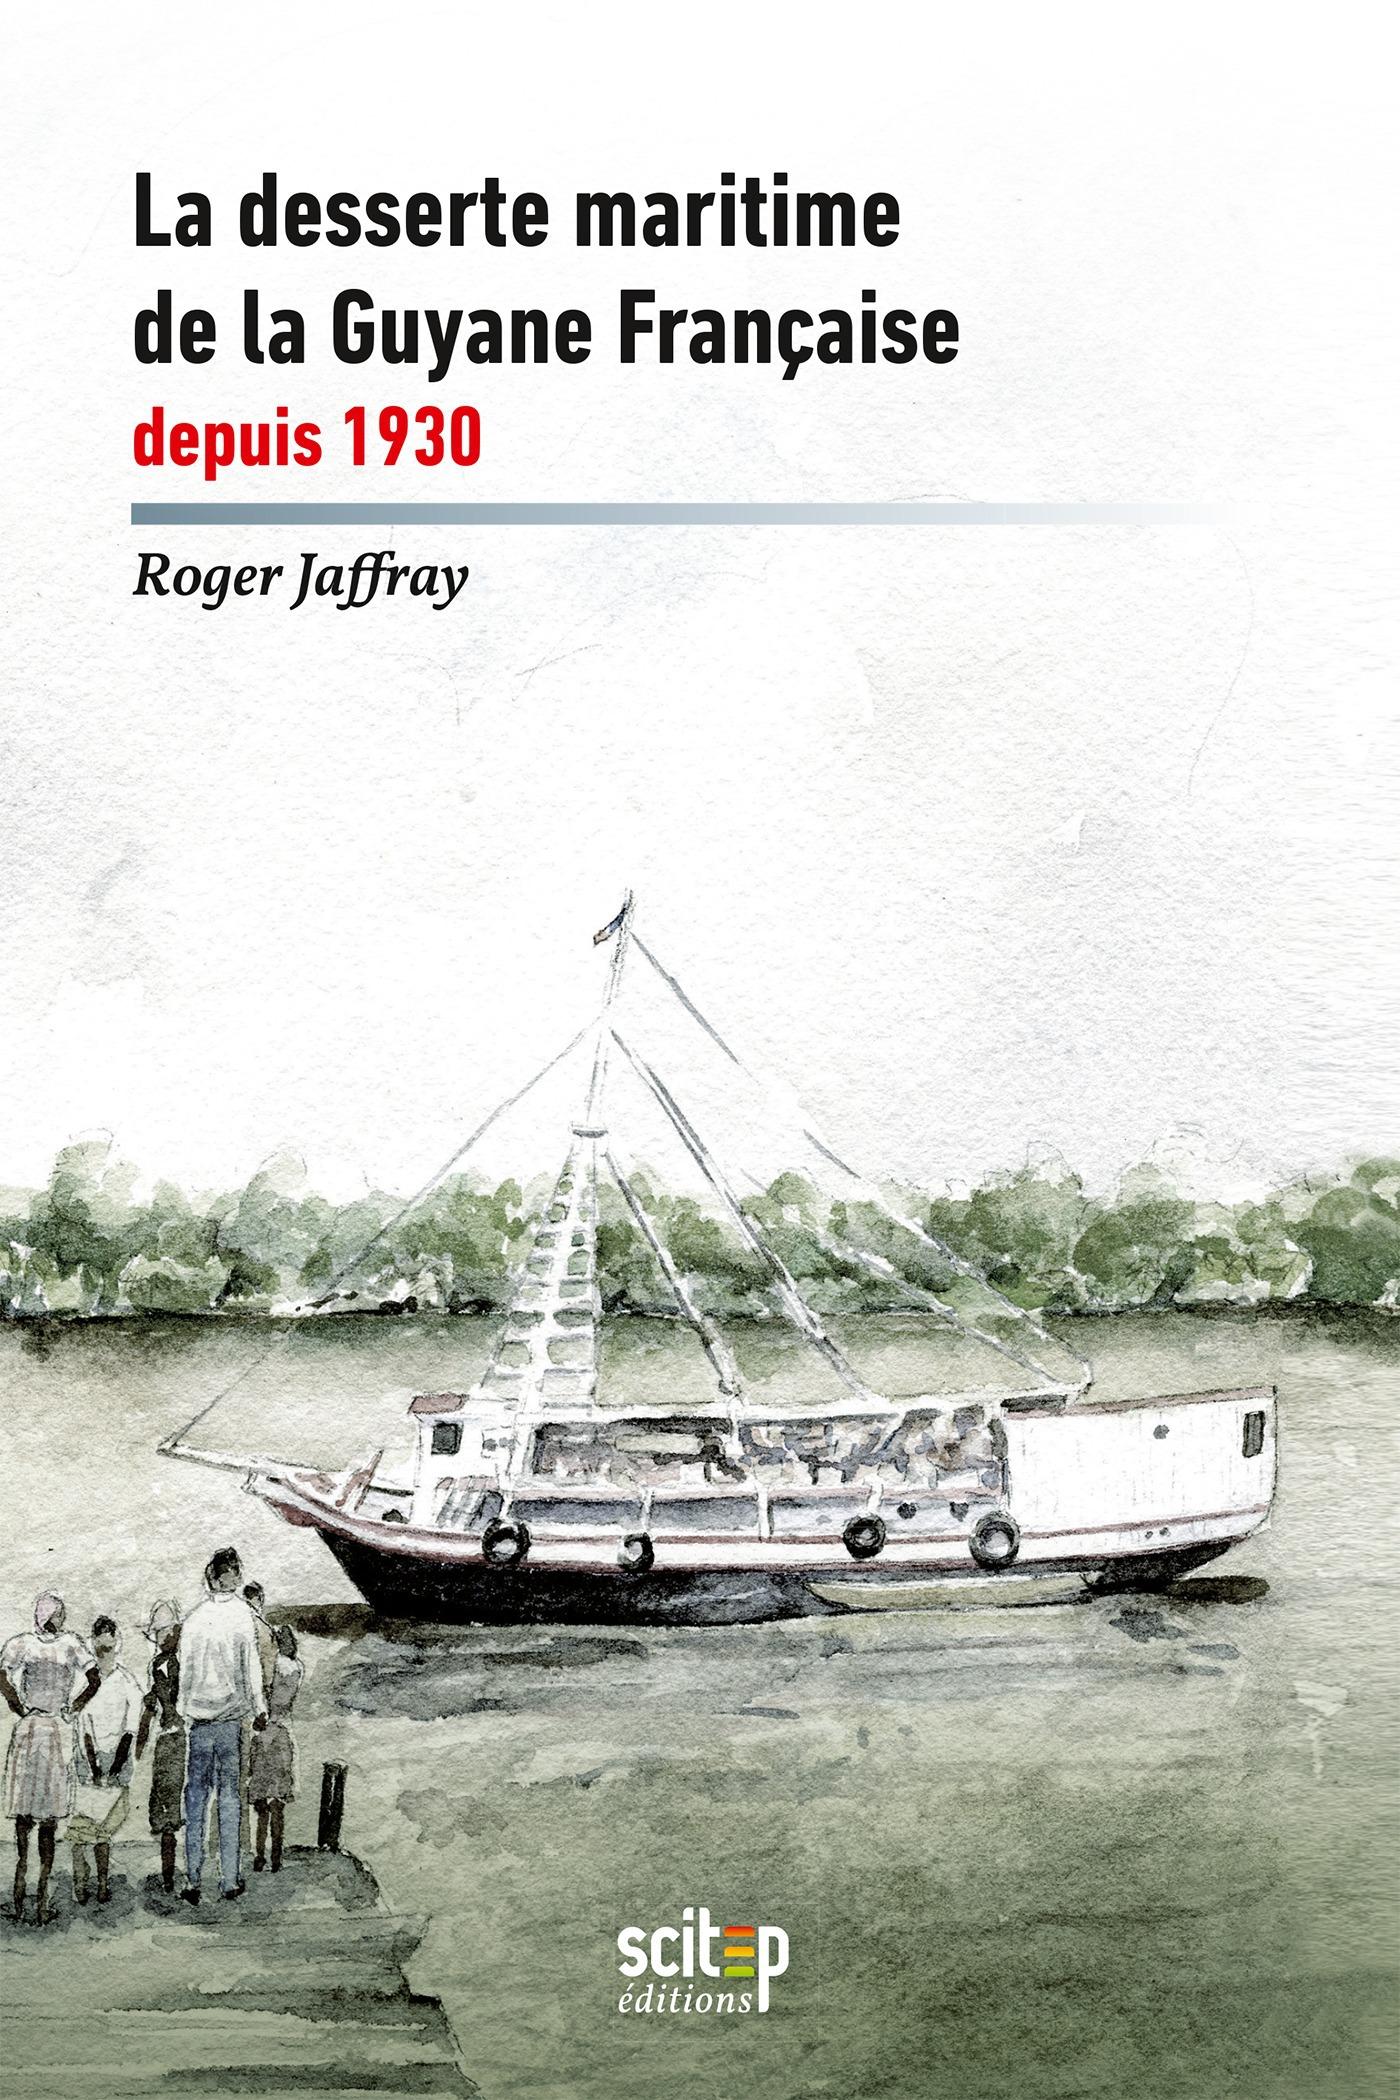 La desserte maritime de la guyane francaise depuis 1930